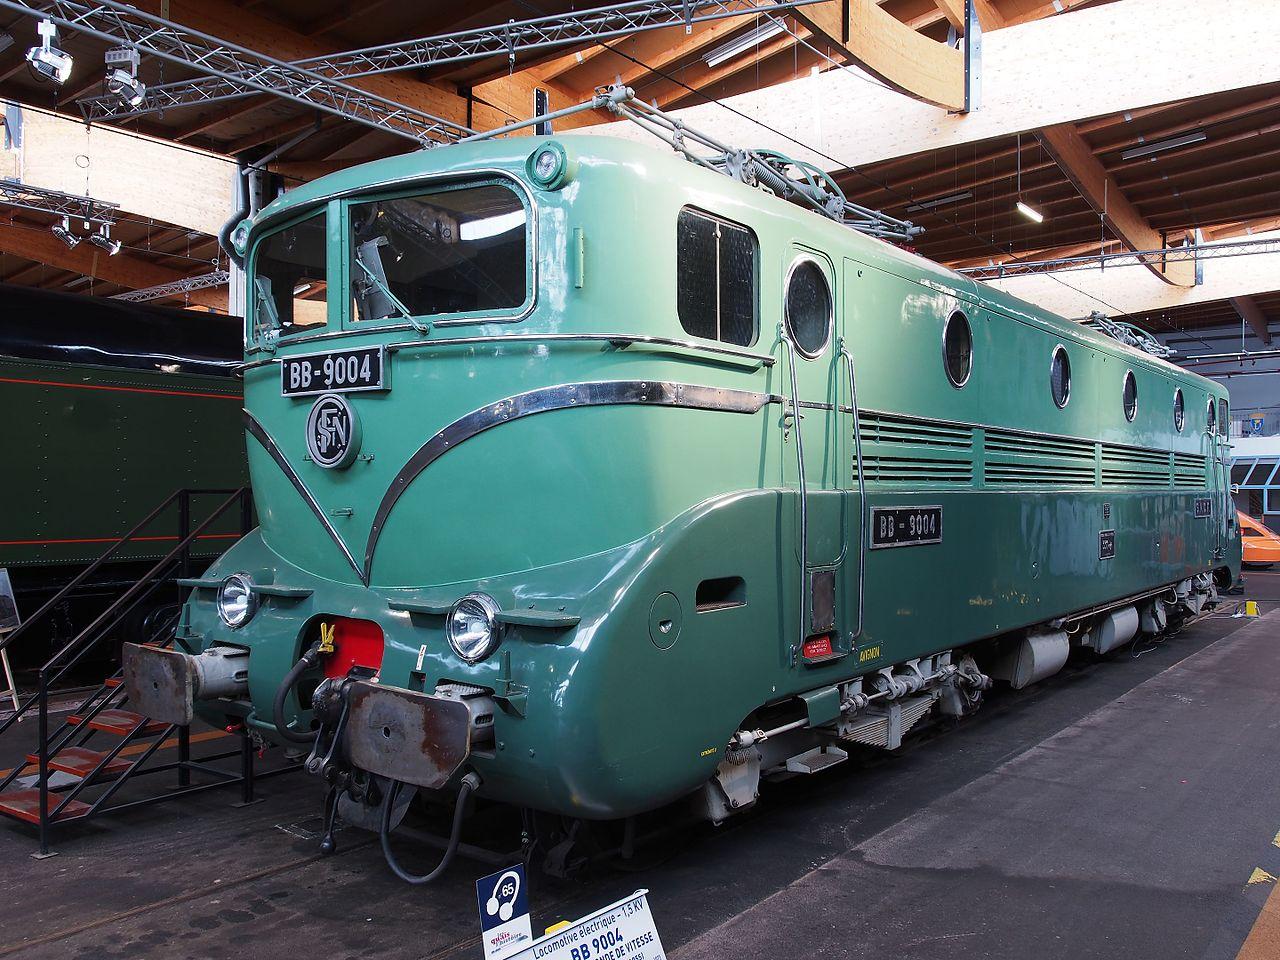 sncf bb 9004, cité du train